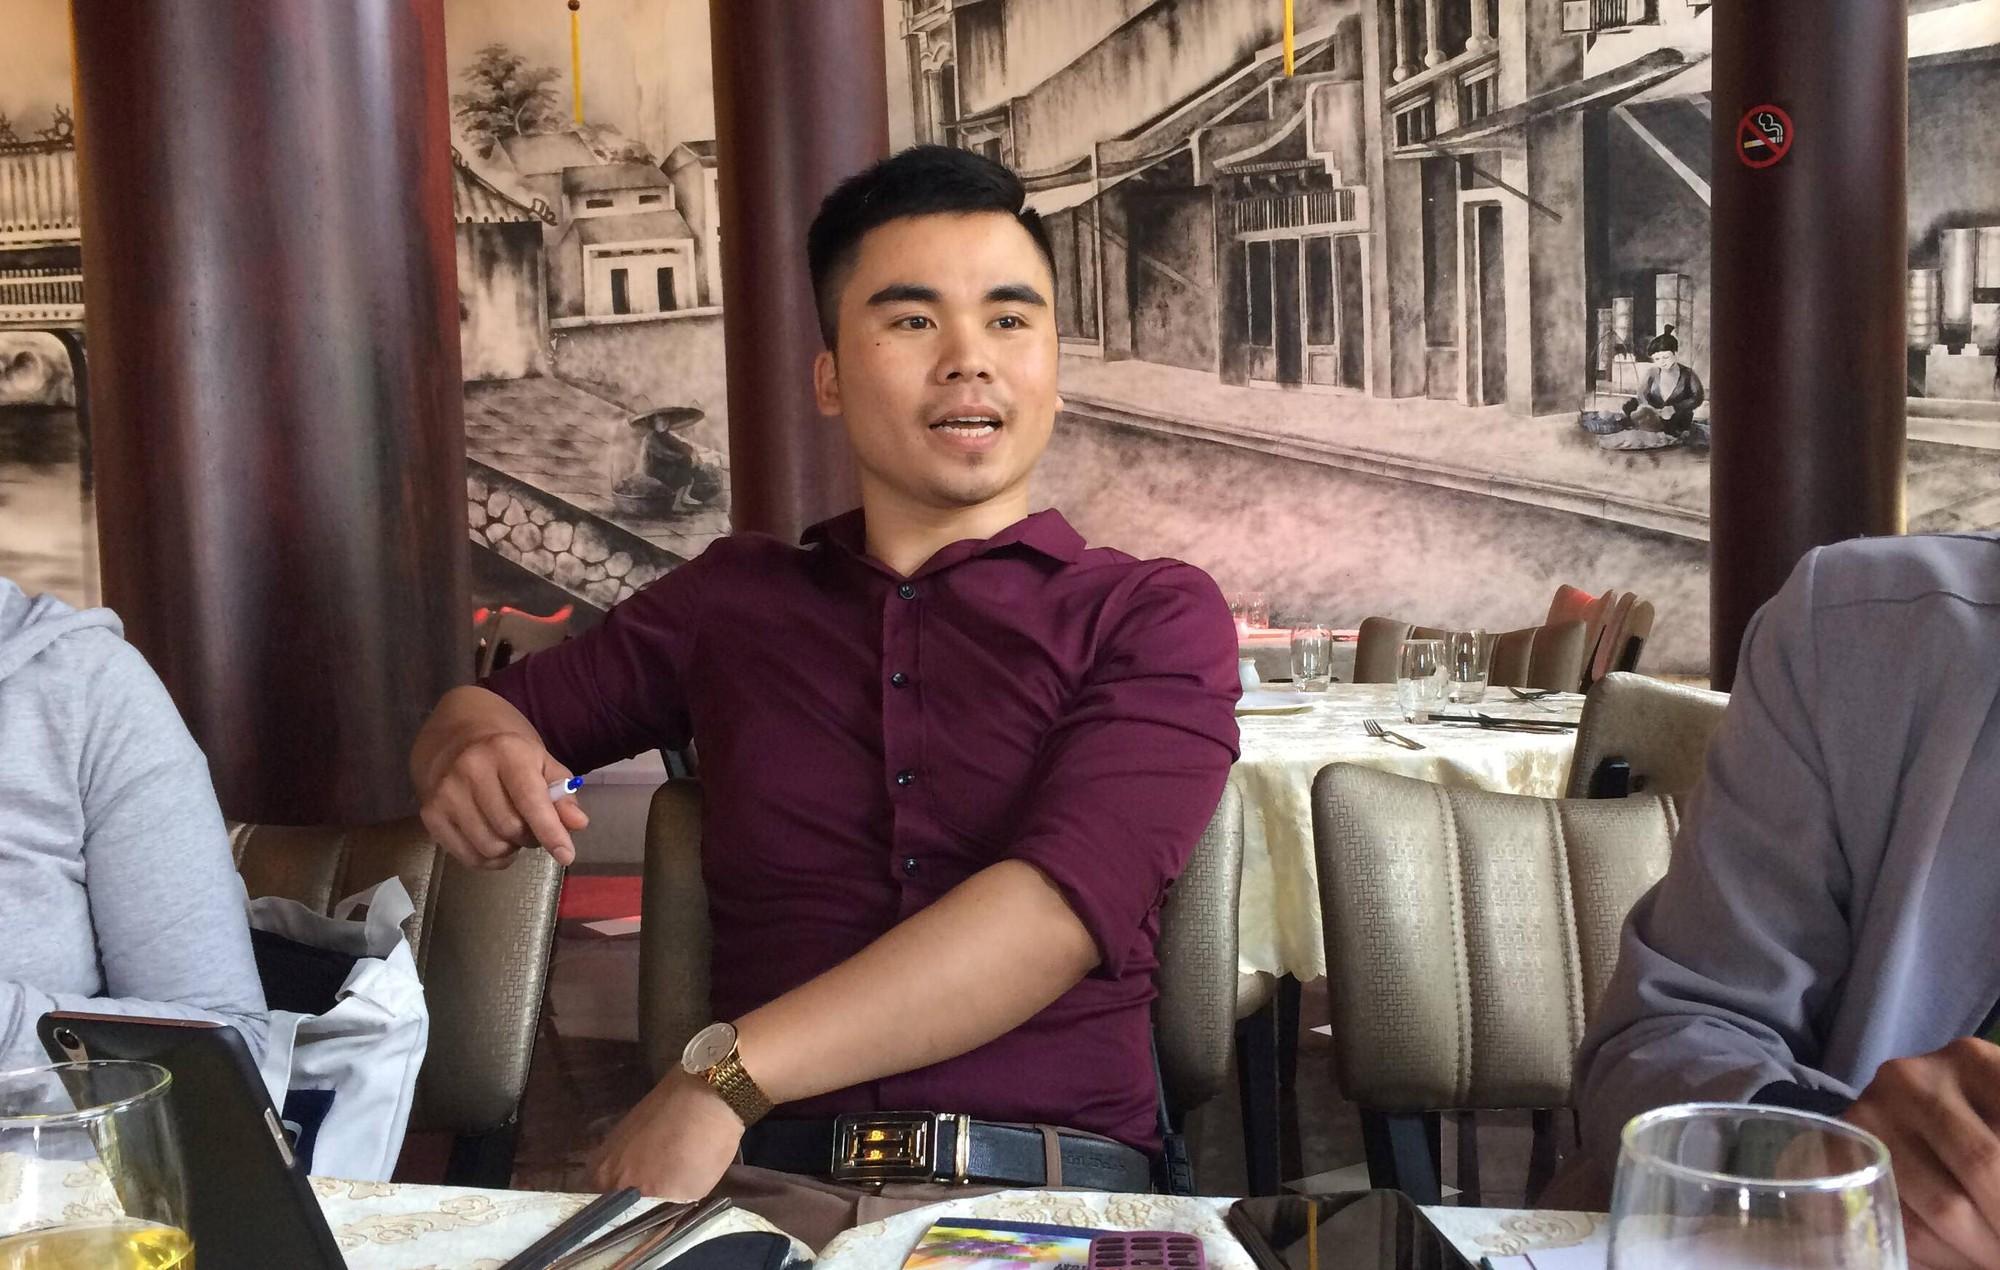 Khách tố bị nhân viên đuổi đánh dã man sau bữa ăn ở Đà Nẵng, quản lý nhà hàng nói gì? - Ảnh 3.